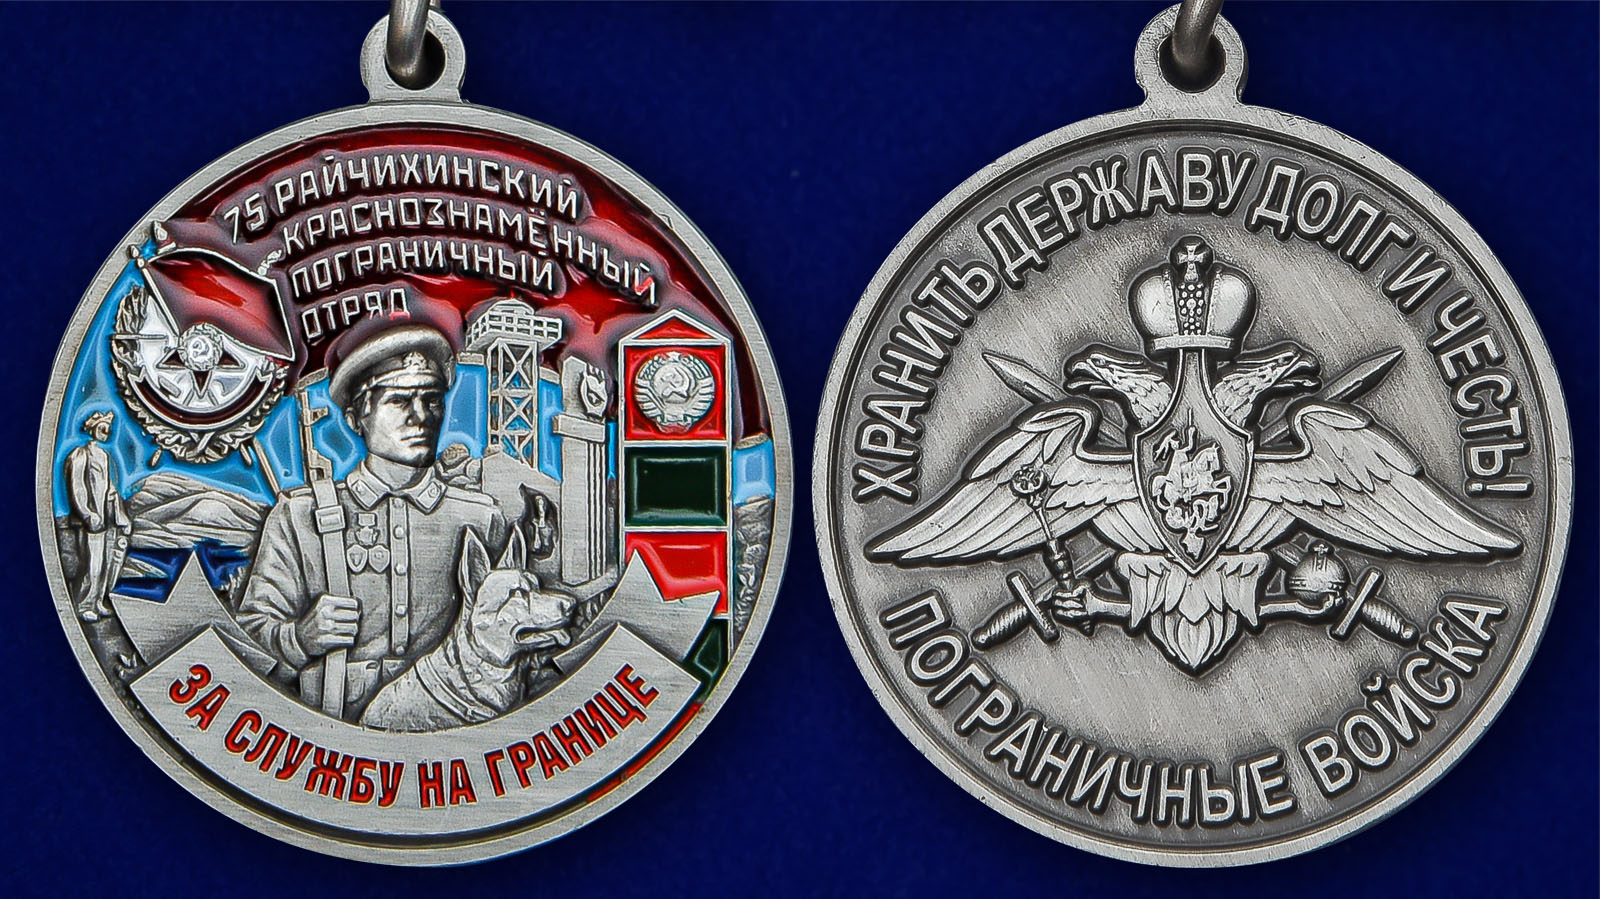 Памятная медаль За службу в Райчихинском пограничном отряде - аверс и реверс